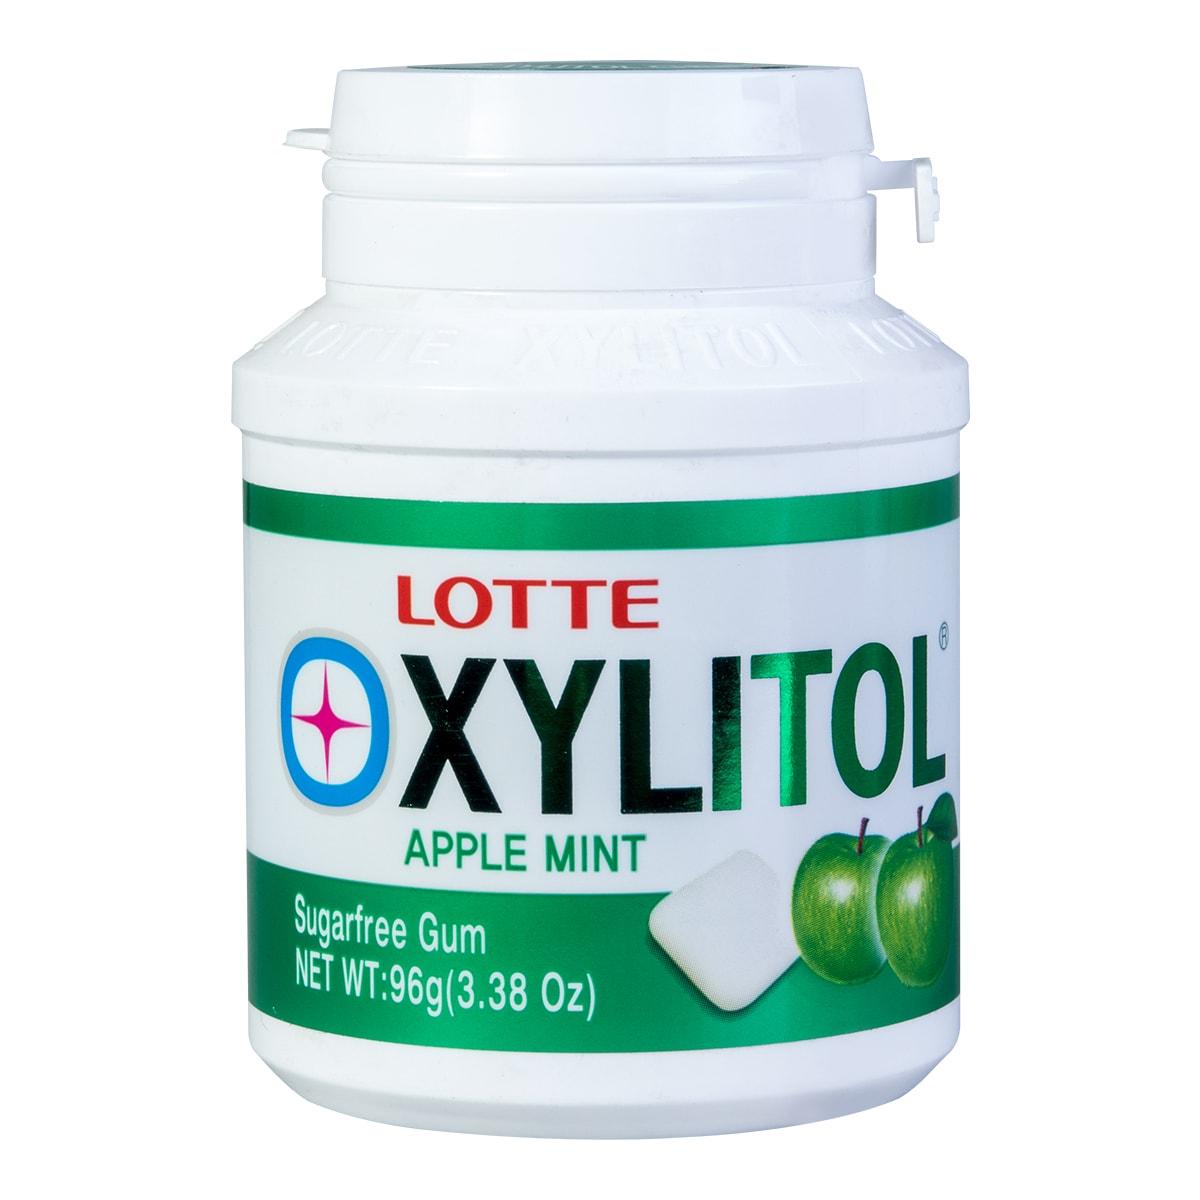 韩国LOTTE乐天 XYLITOL木糖醇口香糖 苹果薄荷味 96g